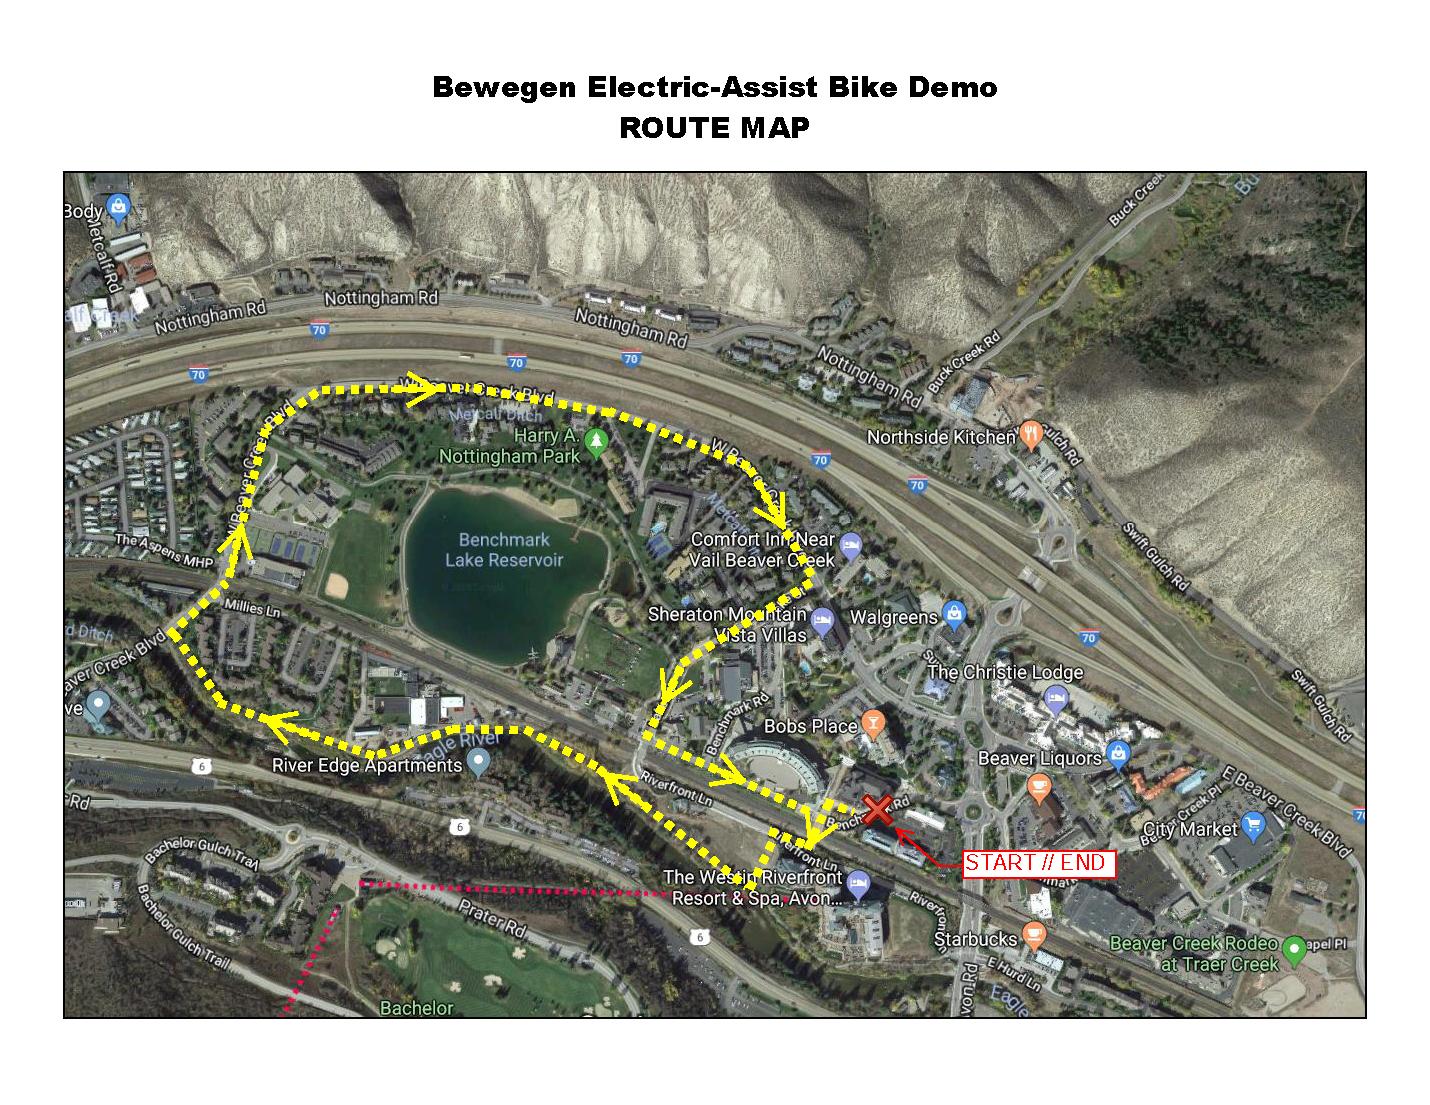 Bewegen EBike Demo Route